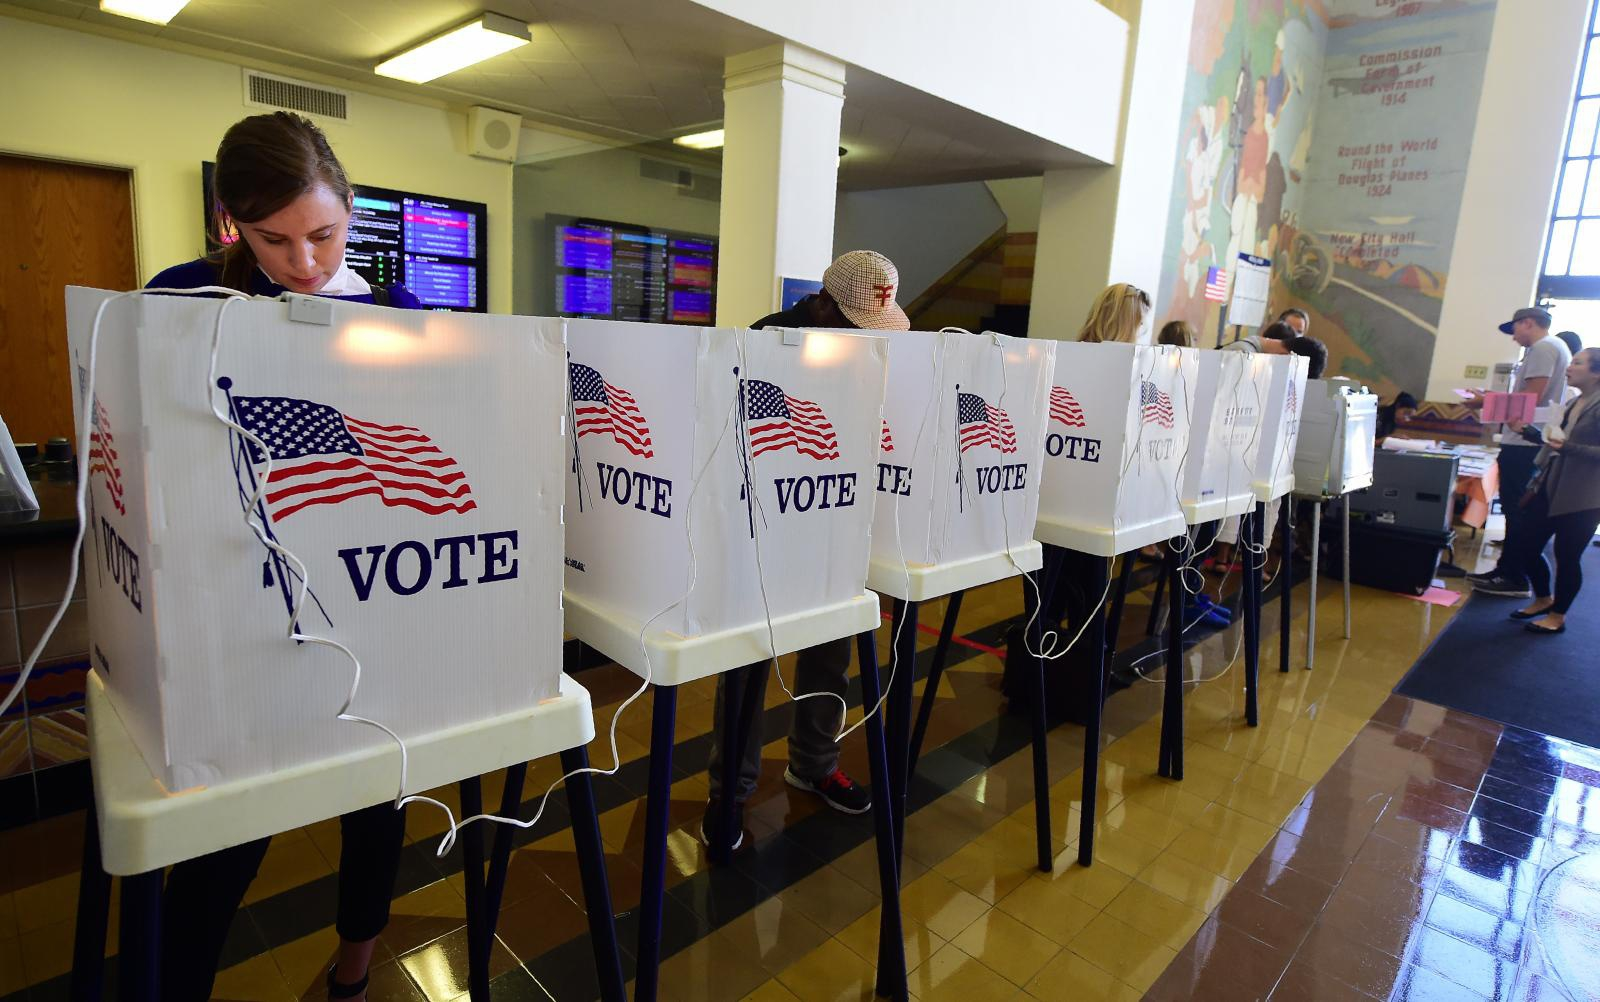 เกาะติดการนับคะแนนเลือกตั้งประธานาธิบดีสหรัฐคนที่ 45